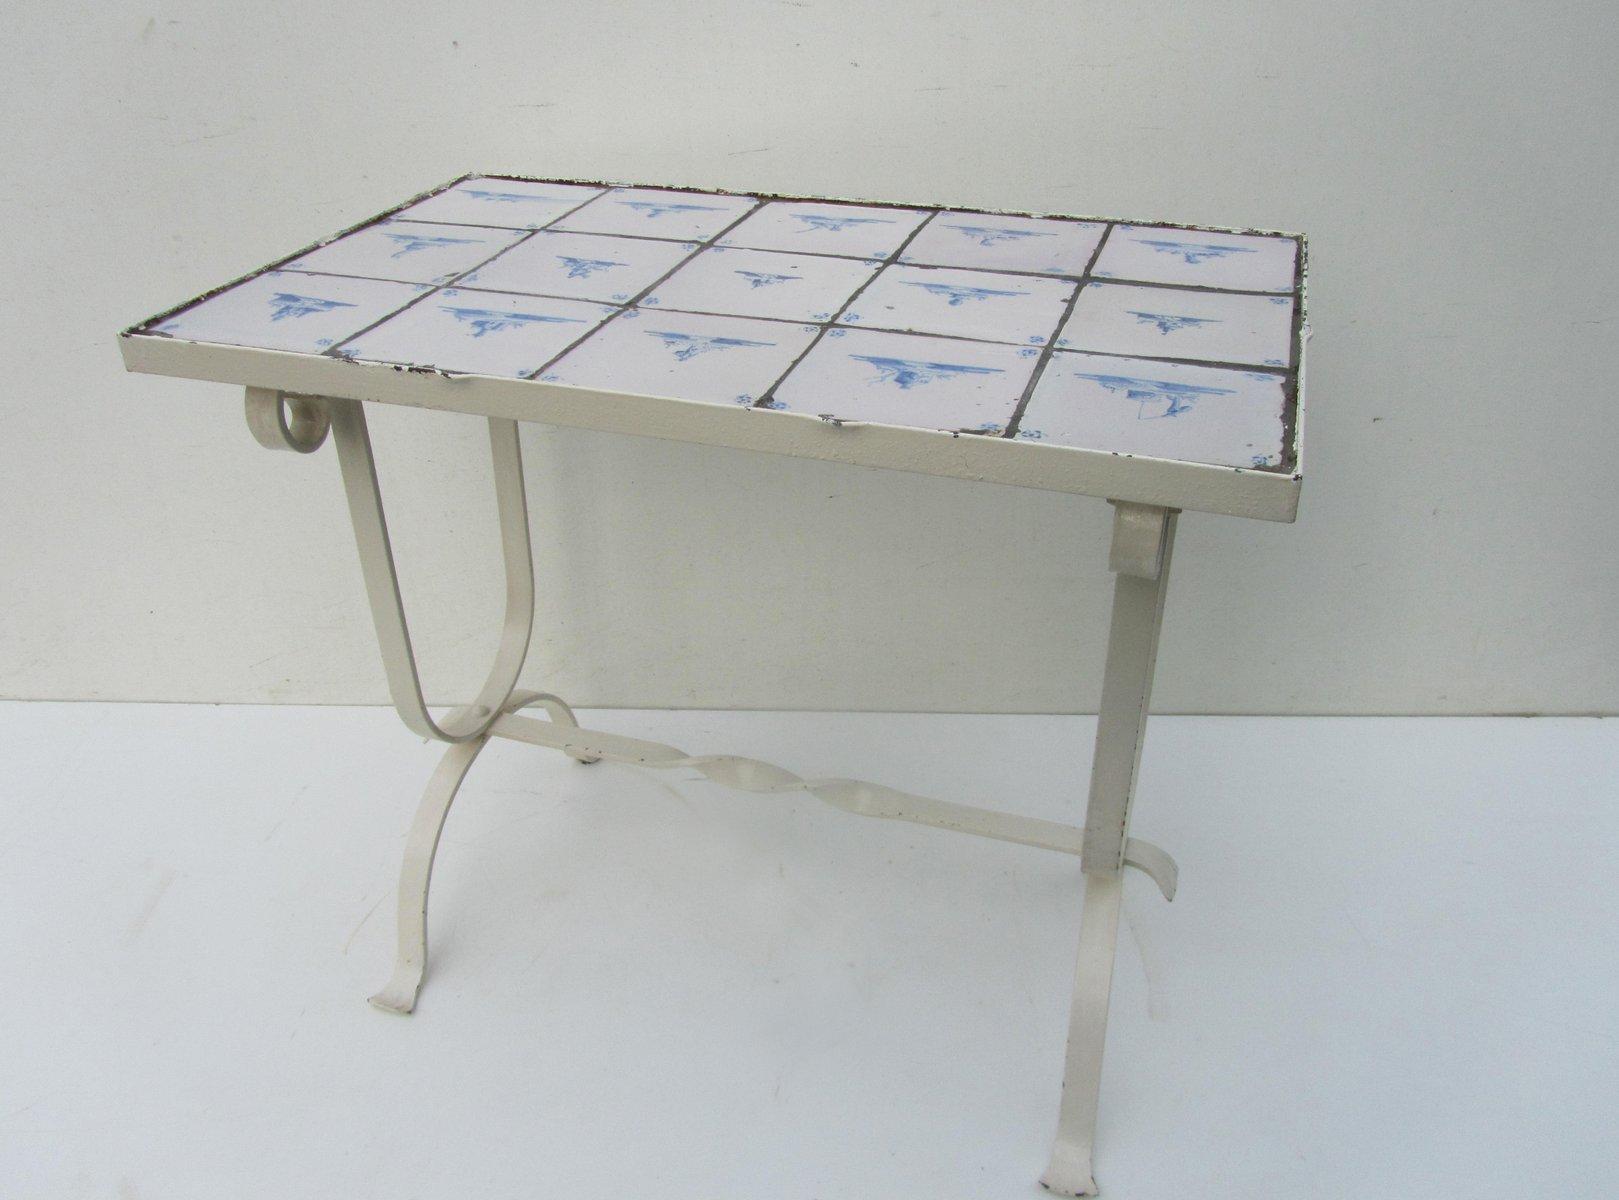 vintage beistelltisch mit antiken niederl ndischen fliesen bei pamono kaufen. Black Bedroom Furniture Sets. Home Design Ideas